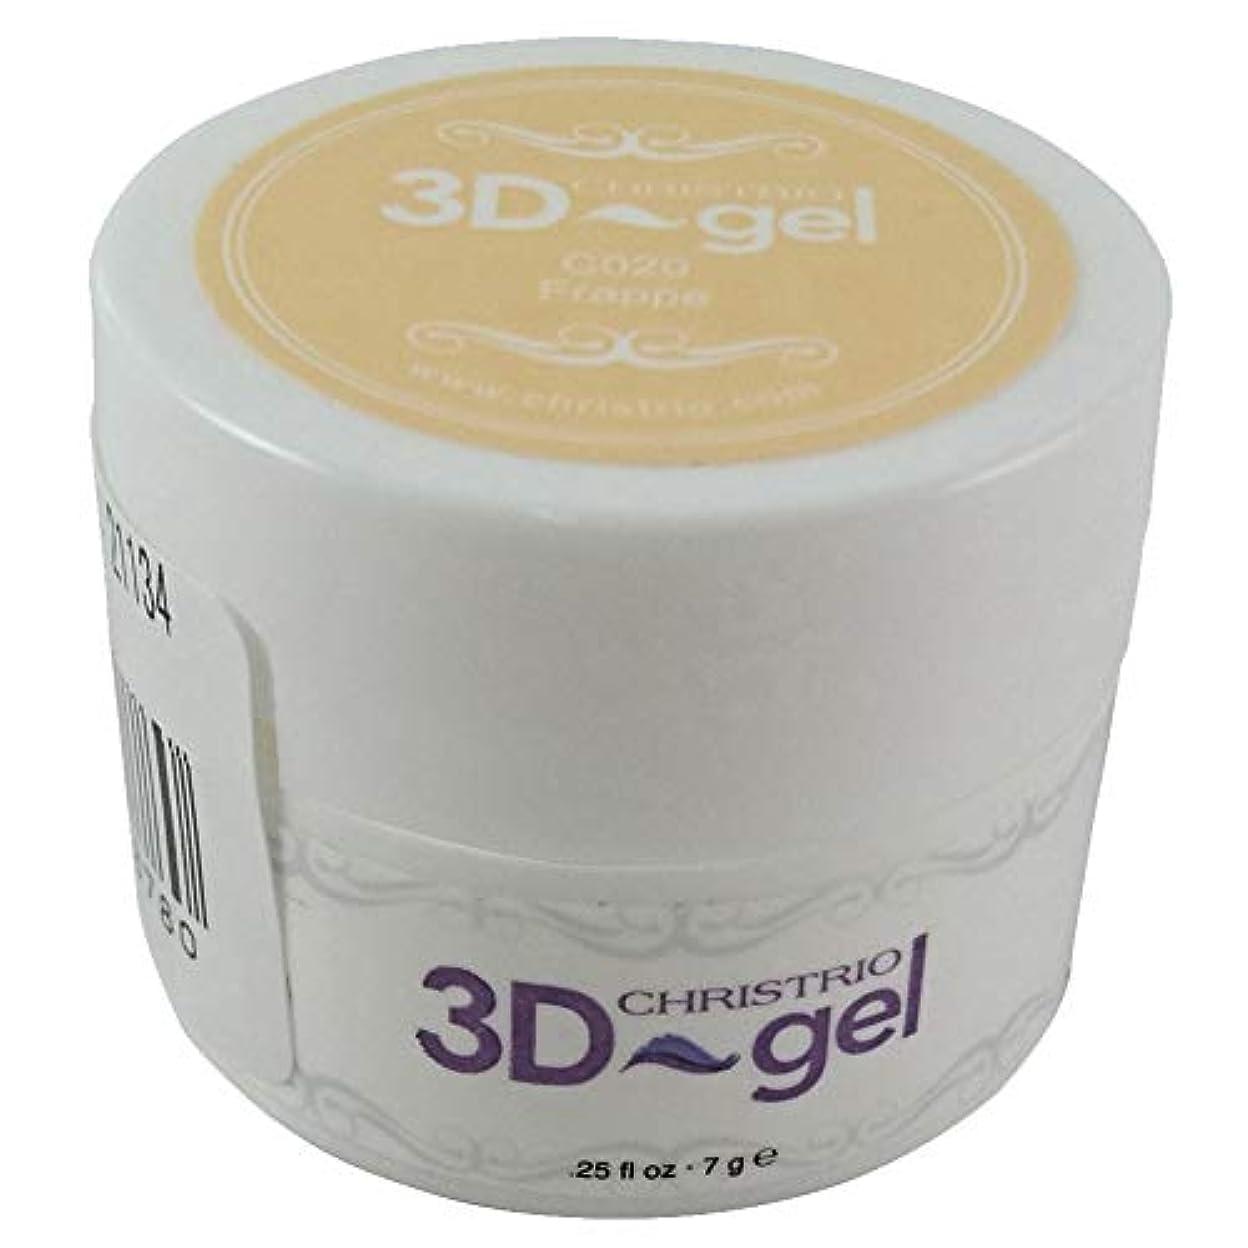 容器好むコーヒーCHRISTRIO 3Dジェル 7g C020 フラッペ